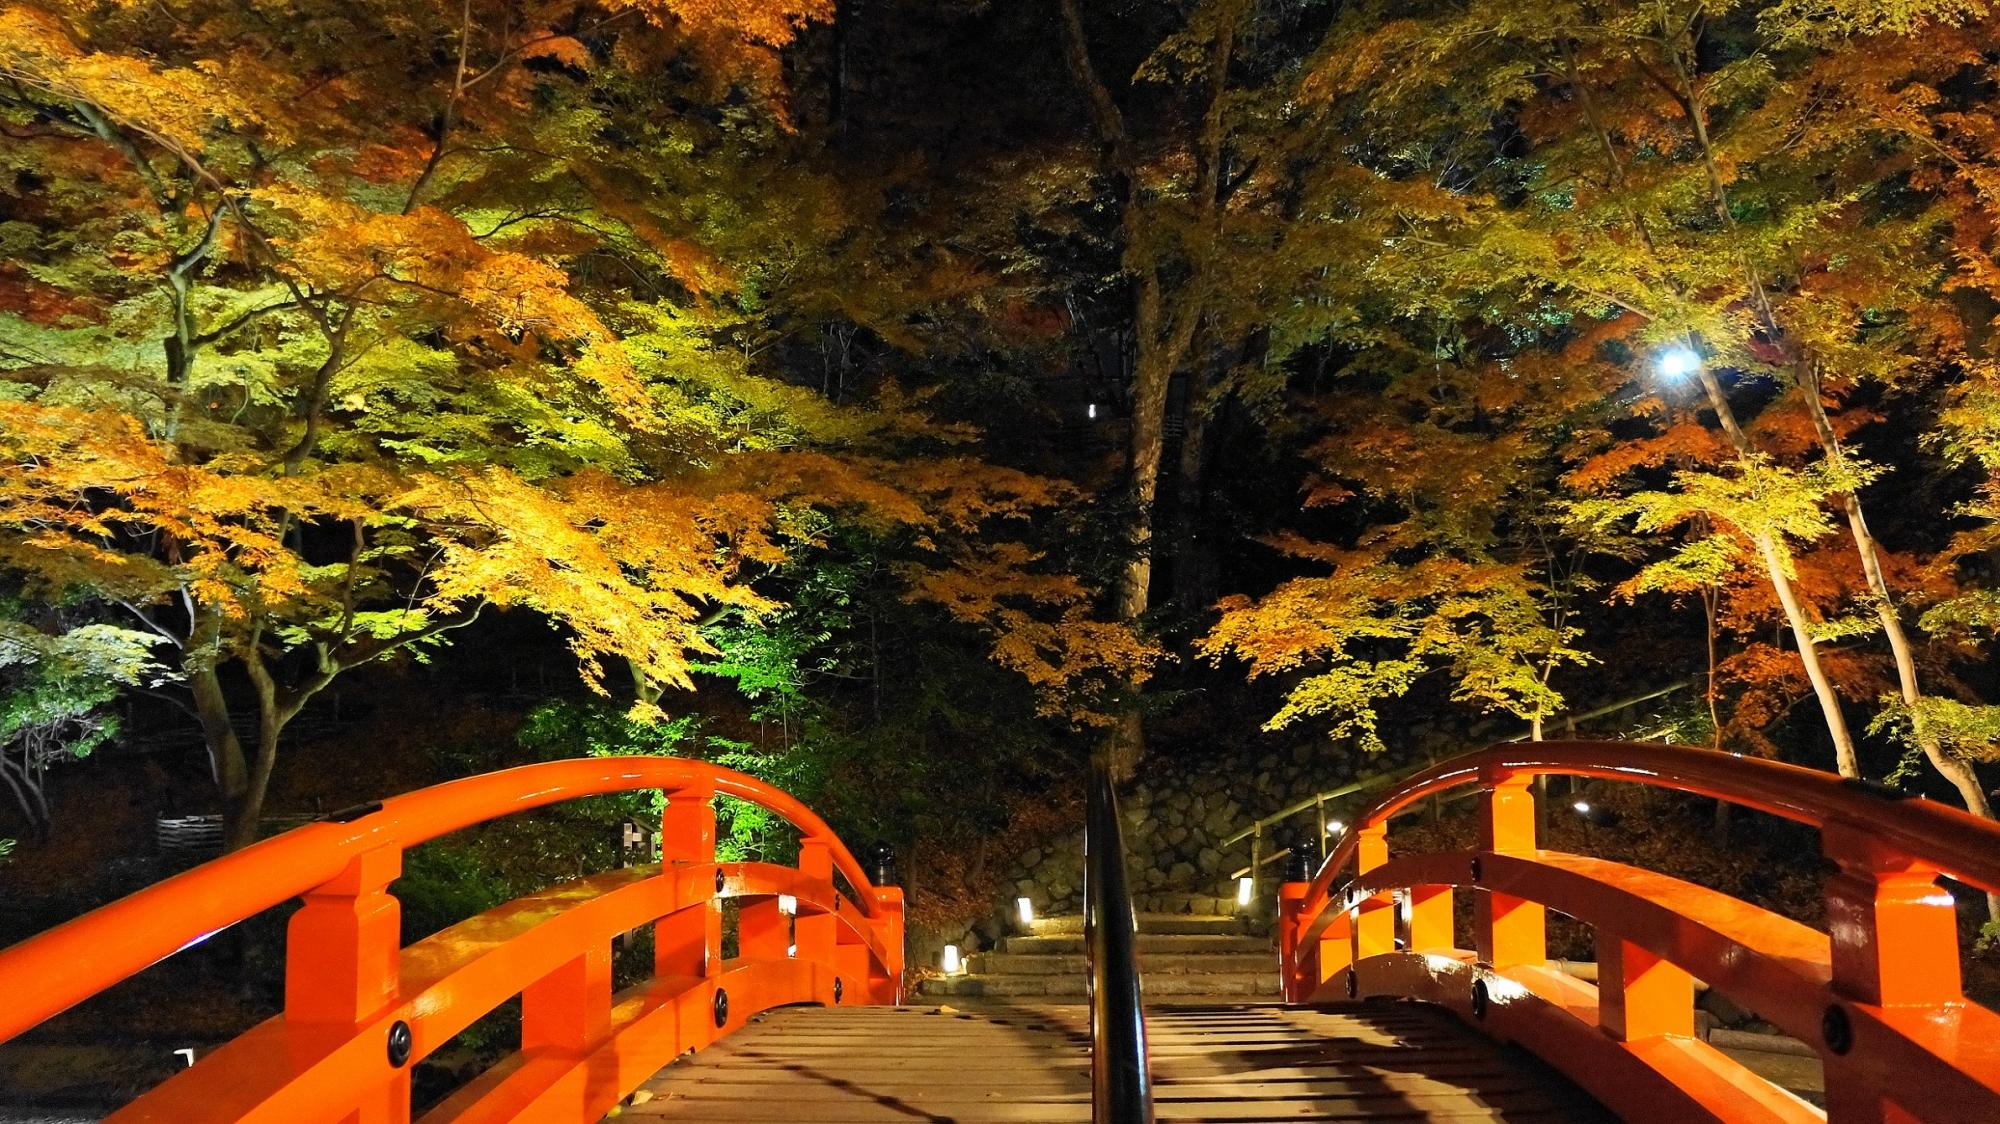 北野天満宮のもみじ苑の鶯橋と紅葉ライトアップ